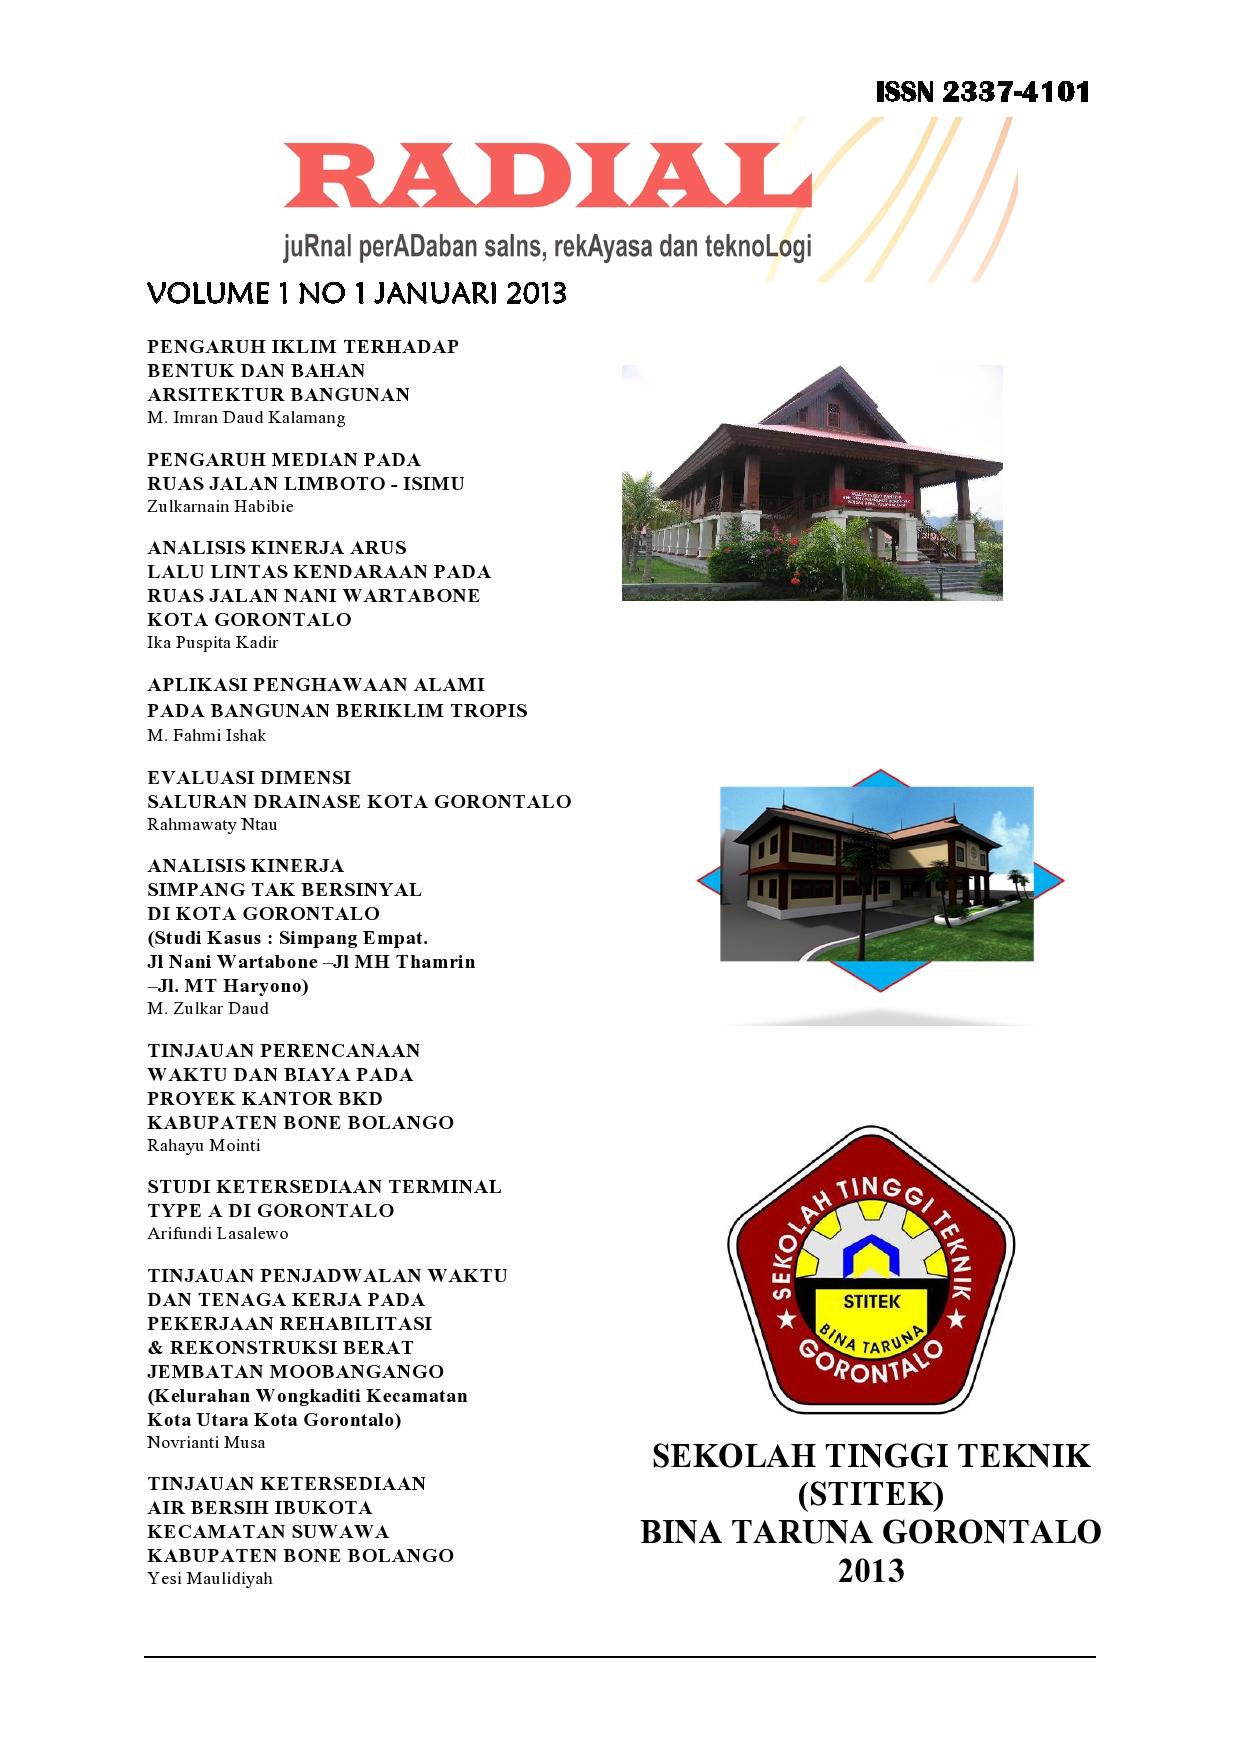 Tinjauan Kesediaan Air Bersih Ibukota Kecamatan Suwawa Kabupaten Bone Bolango Radial Jurnal Peradaban Sains Rekayasa Dan Teknologi